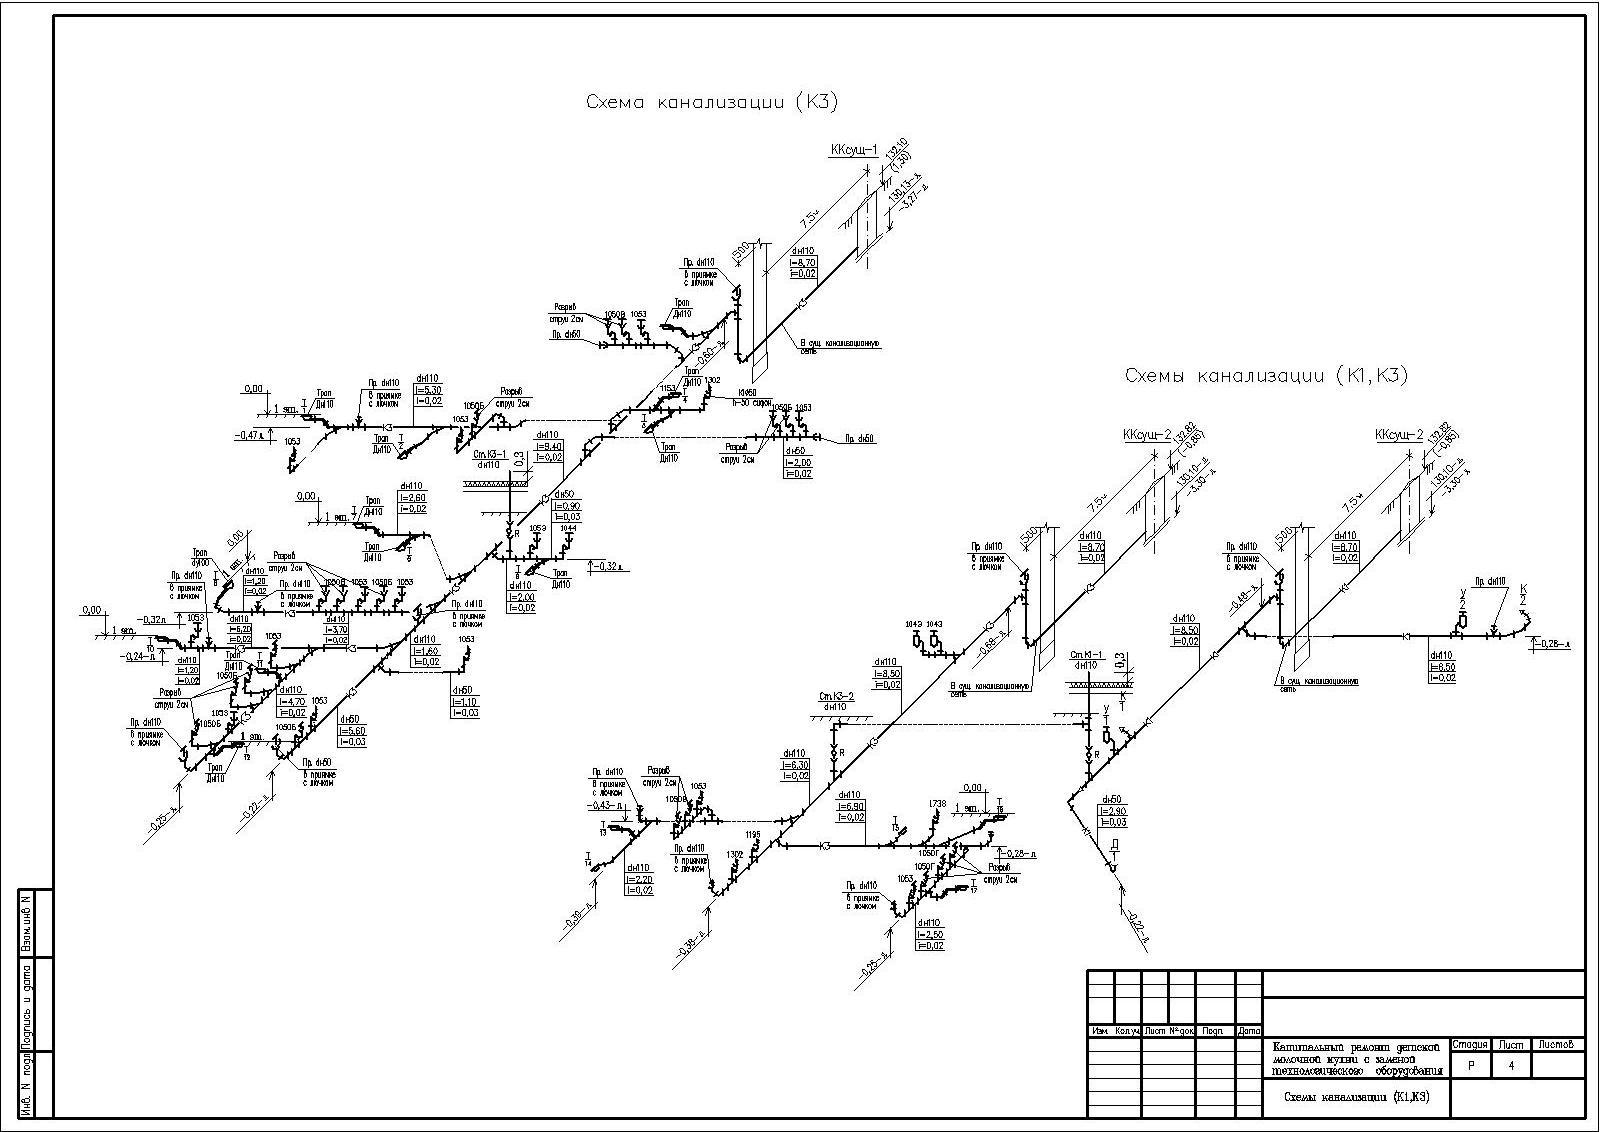 schema-kanalizacii-k3